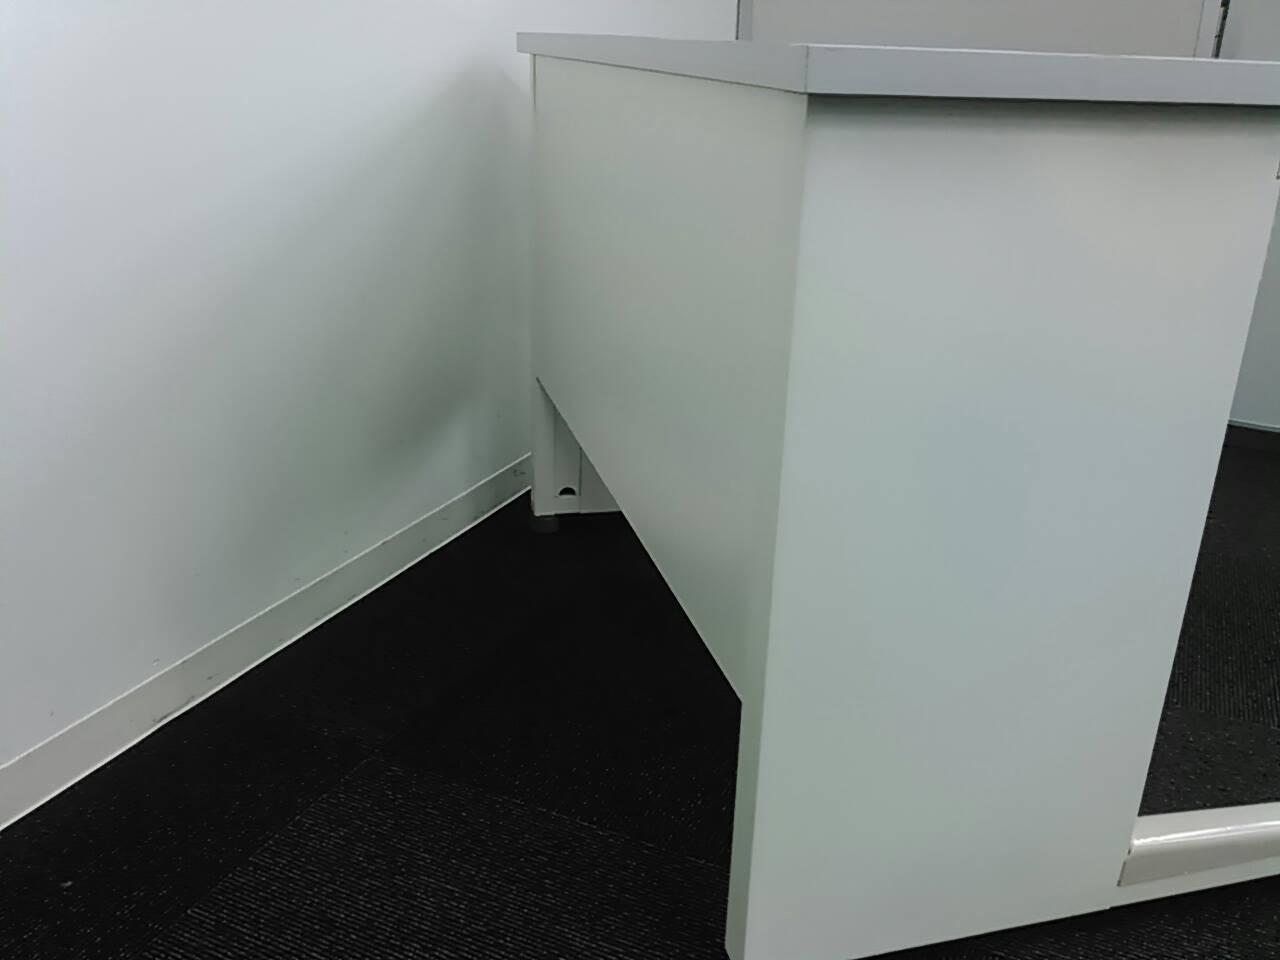 オフィスバスターズのオリジナル商品を作っちゃいました! 1000mm平机・センター引き出しなし【ホワイトドラゴン】|ビジネスデスク